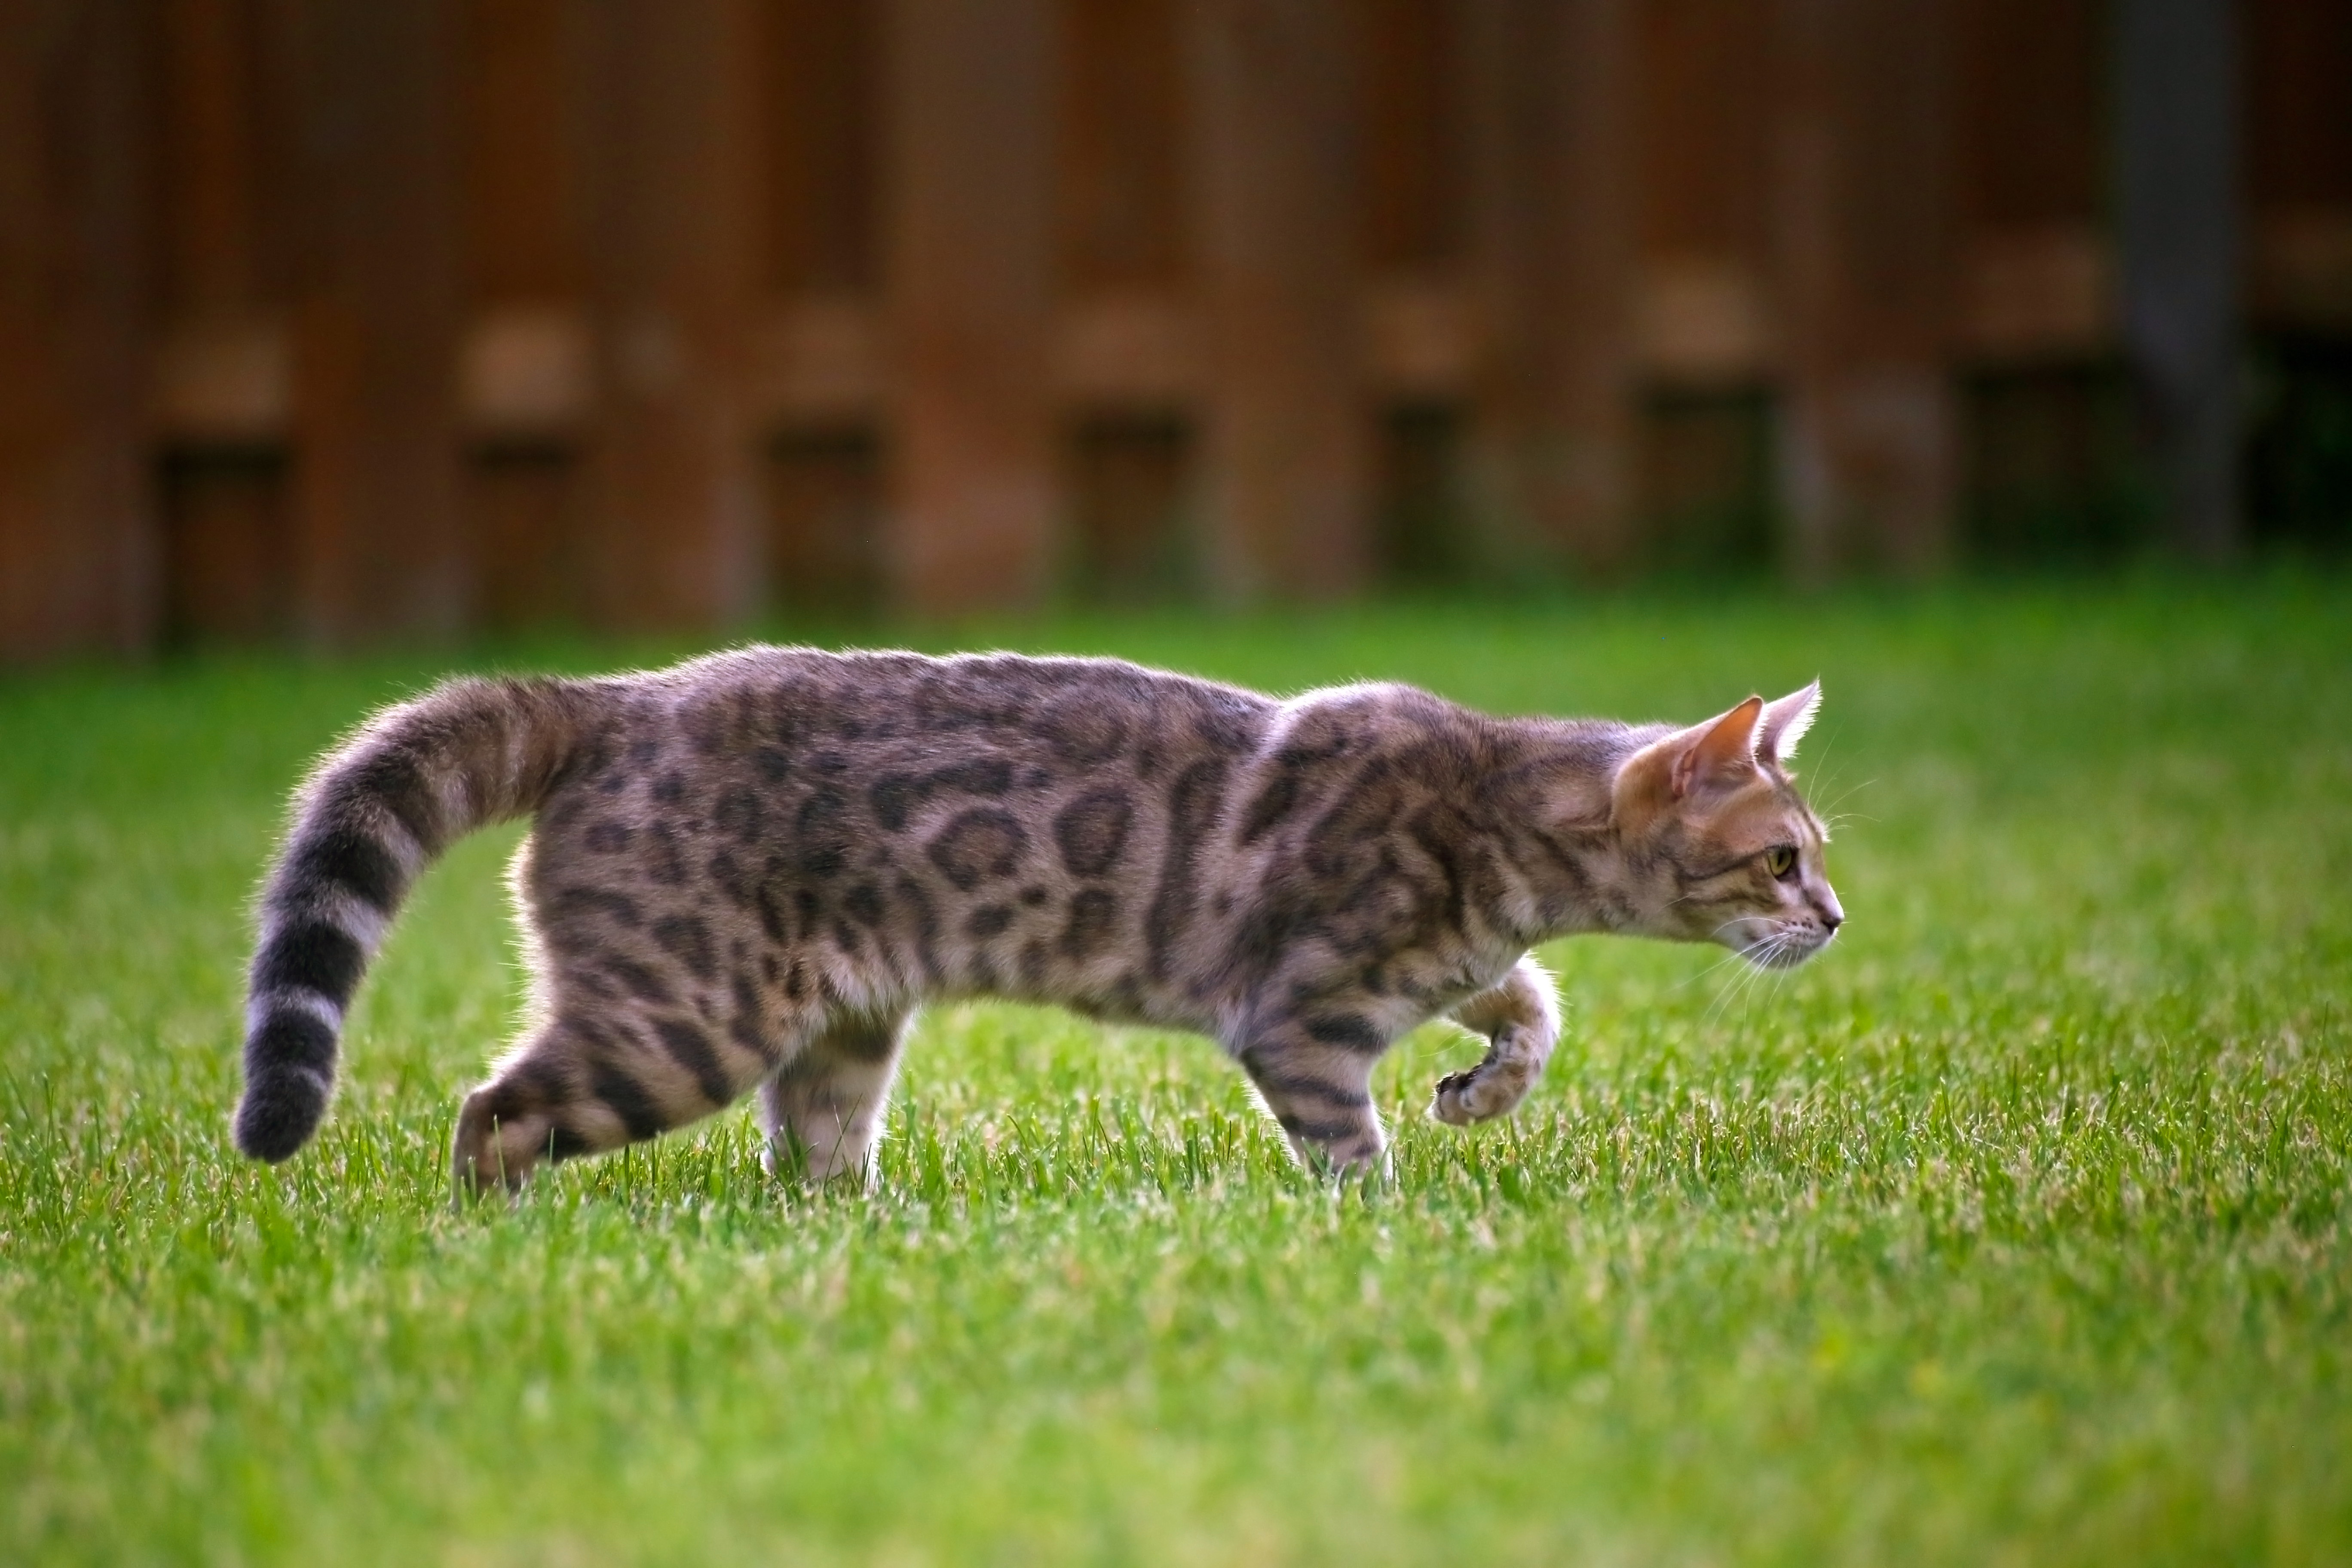 Blue bengal kitten: taste of freedom - 3 photo